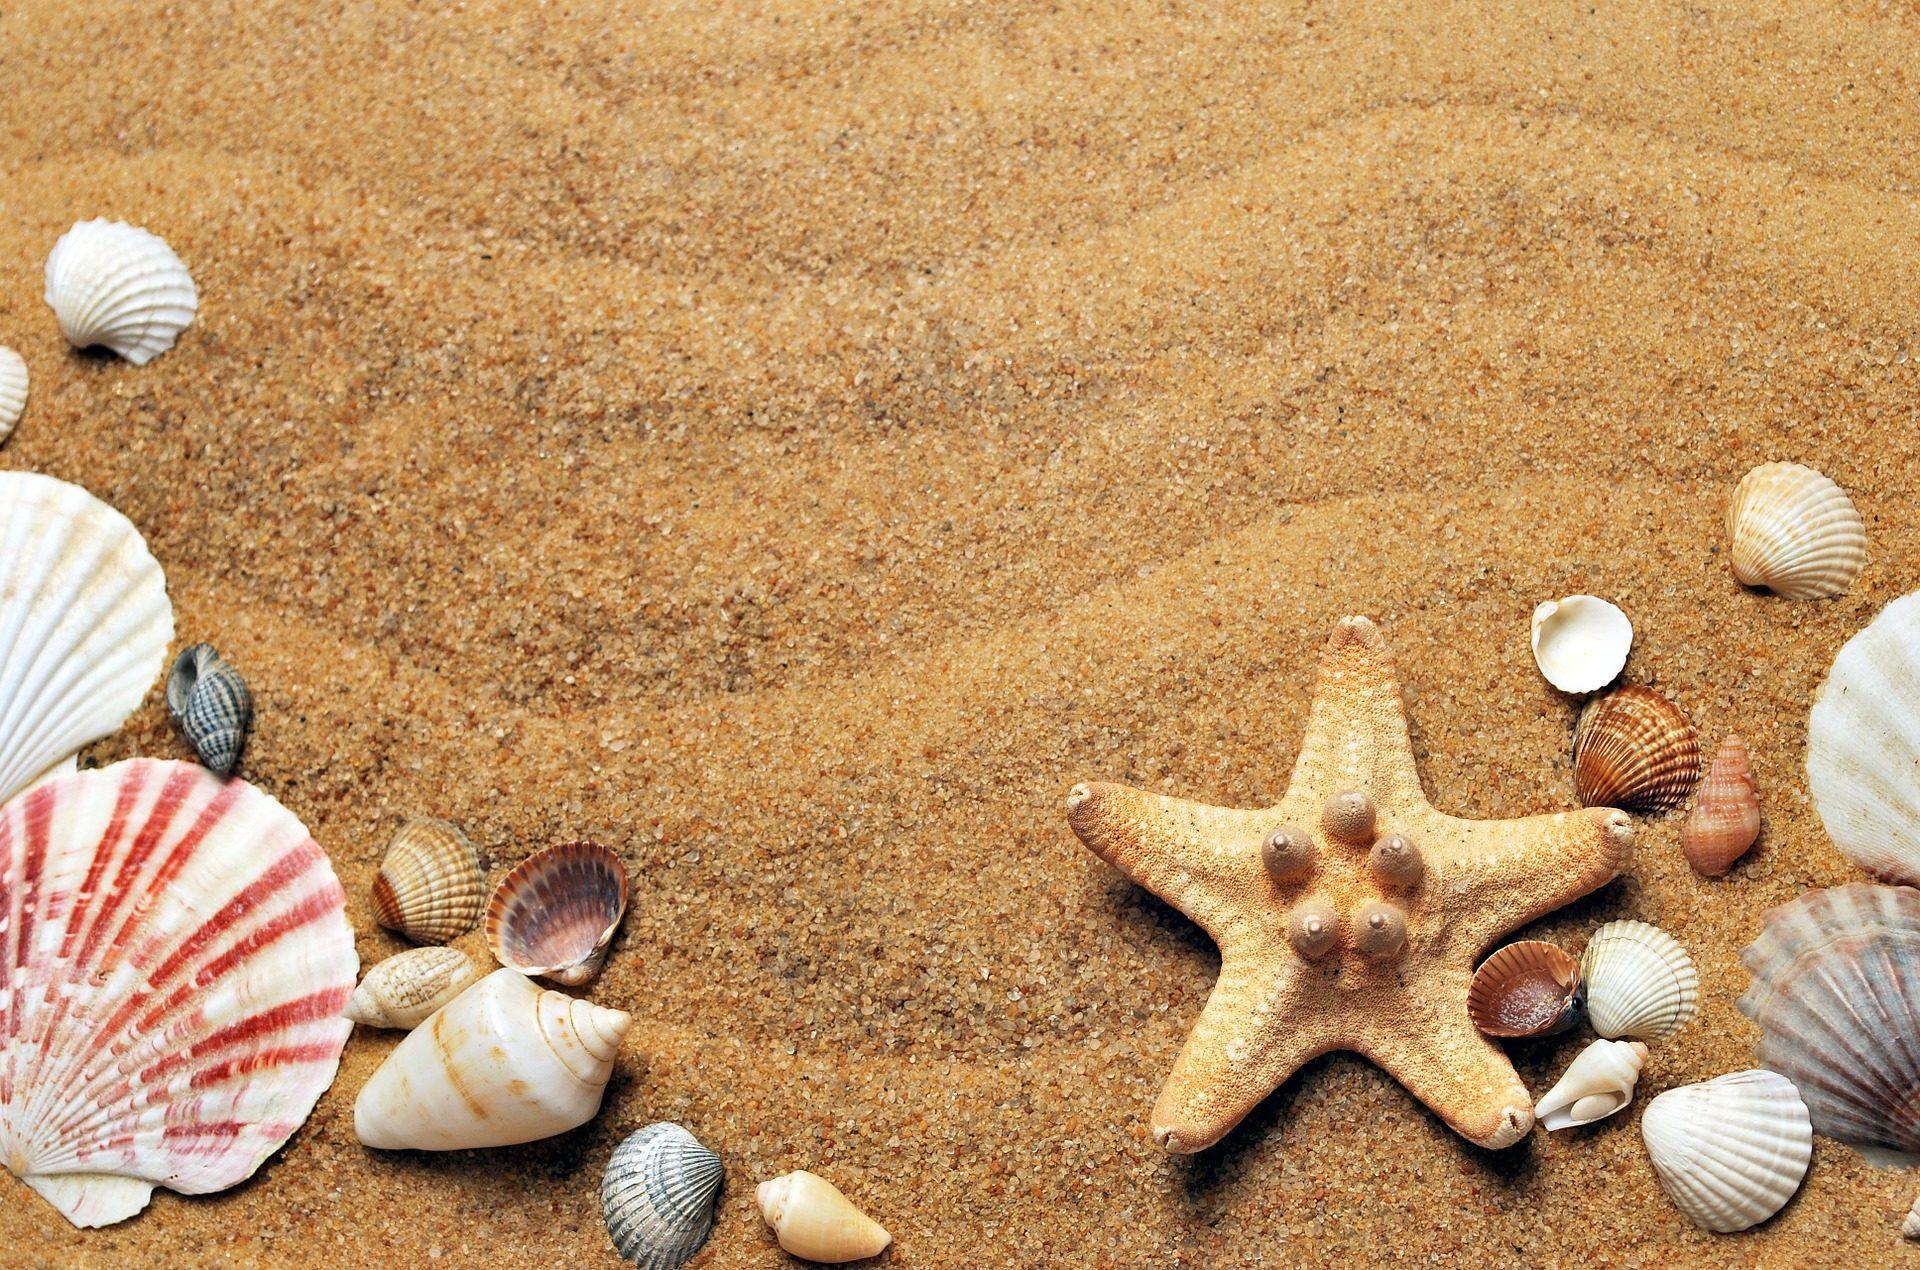 sabbia, conchiglie, Star, Mare, Spiaggia - Sfondi HD - Professor-falken.com